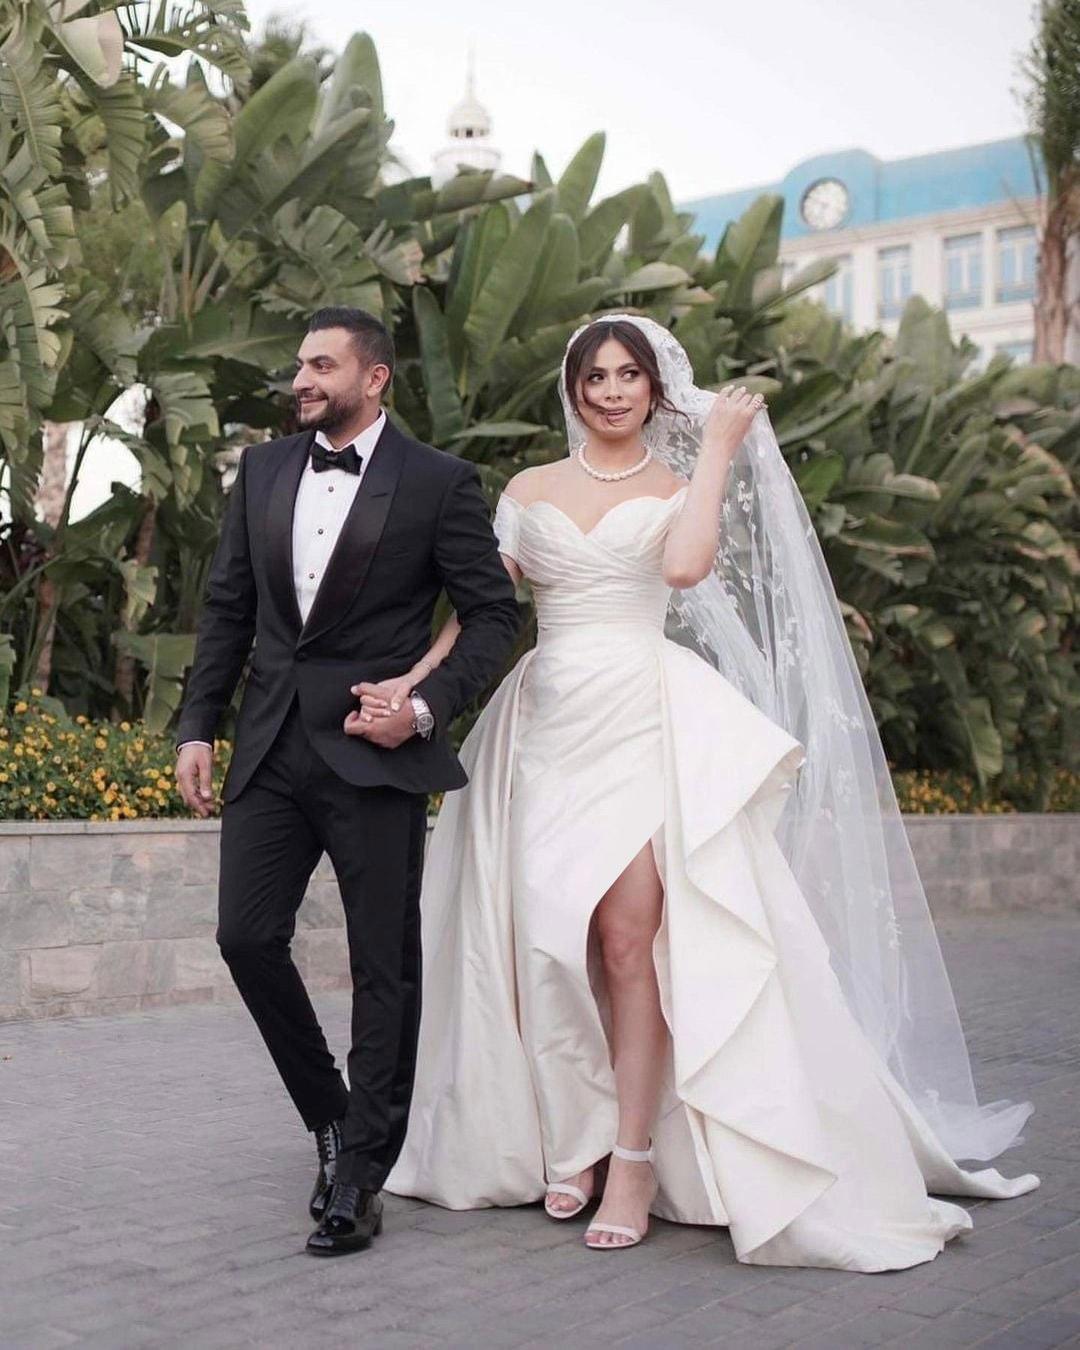 هاجر أحمد برفقة زوجها أحمد الحداد- الصورة من حسابها الرسمي على فيسبوك